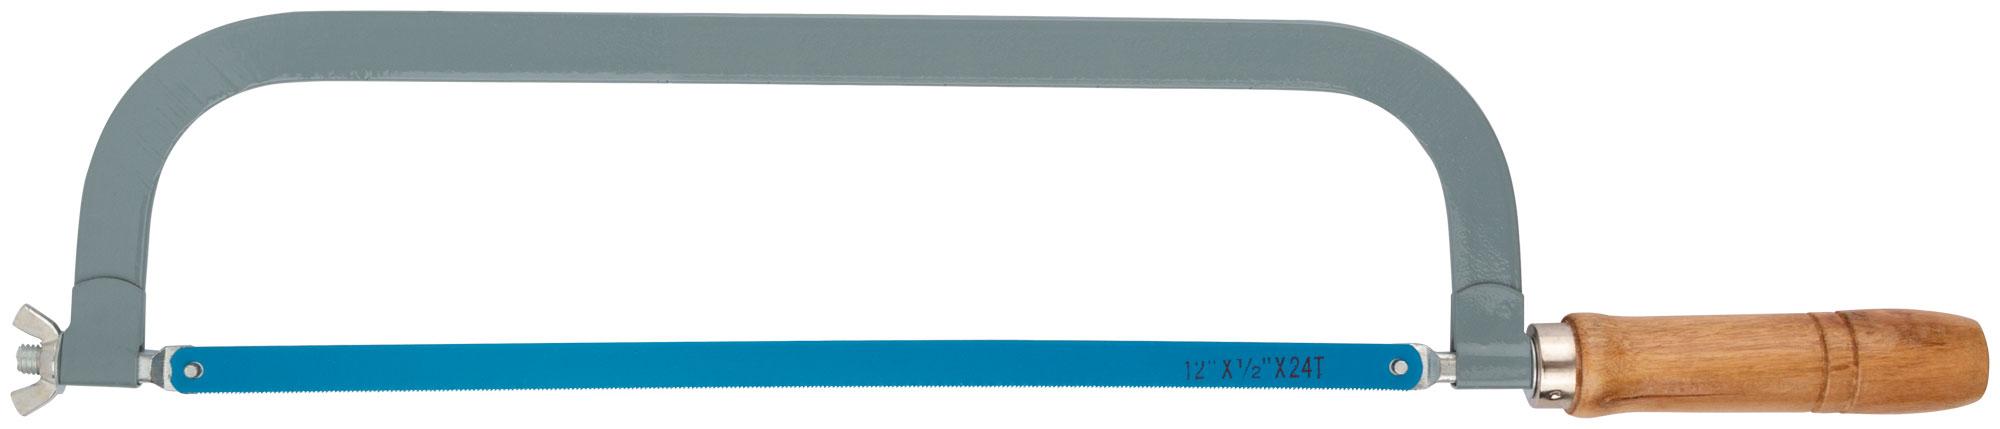 Ножовка по металлу – рекомендации по выбору и использованию ручного и электрического инструмента